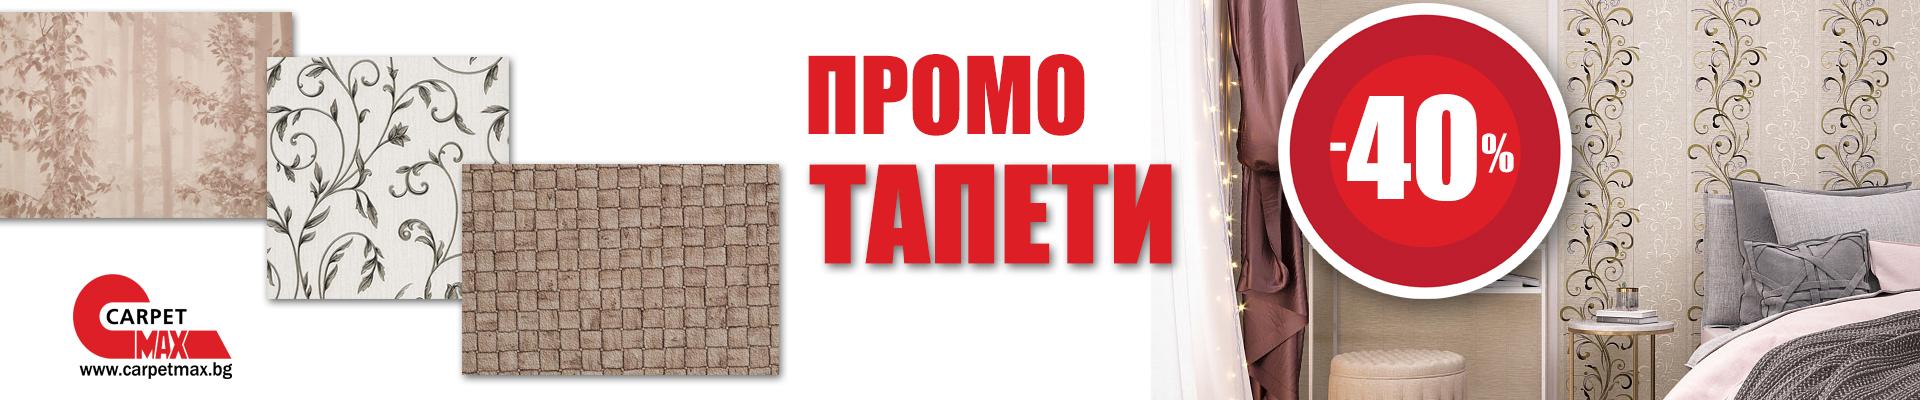 Тапети -40% промо